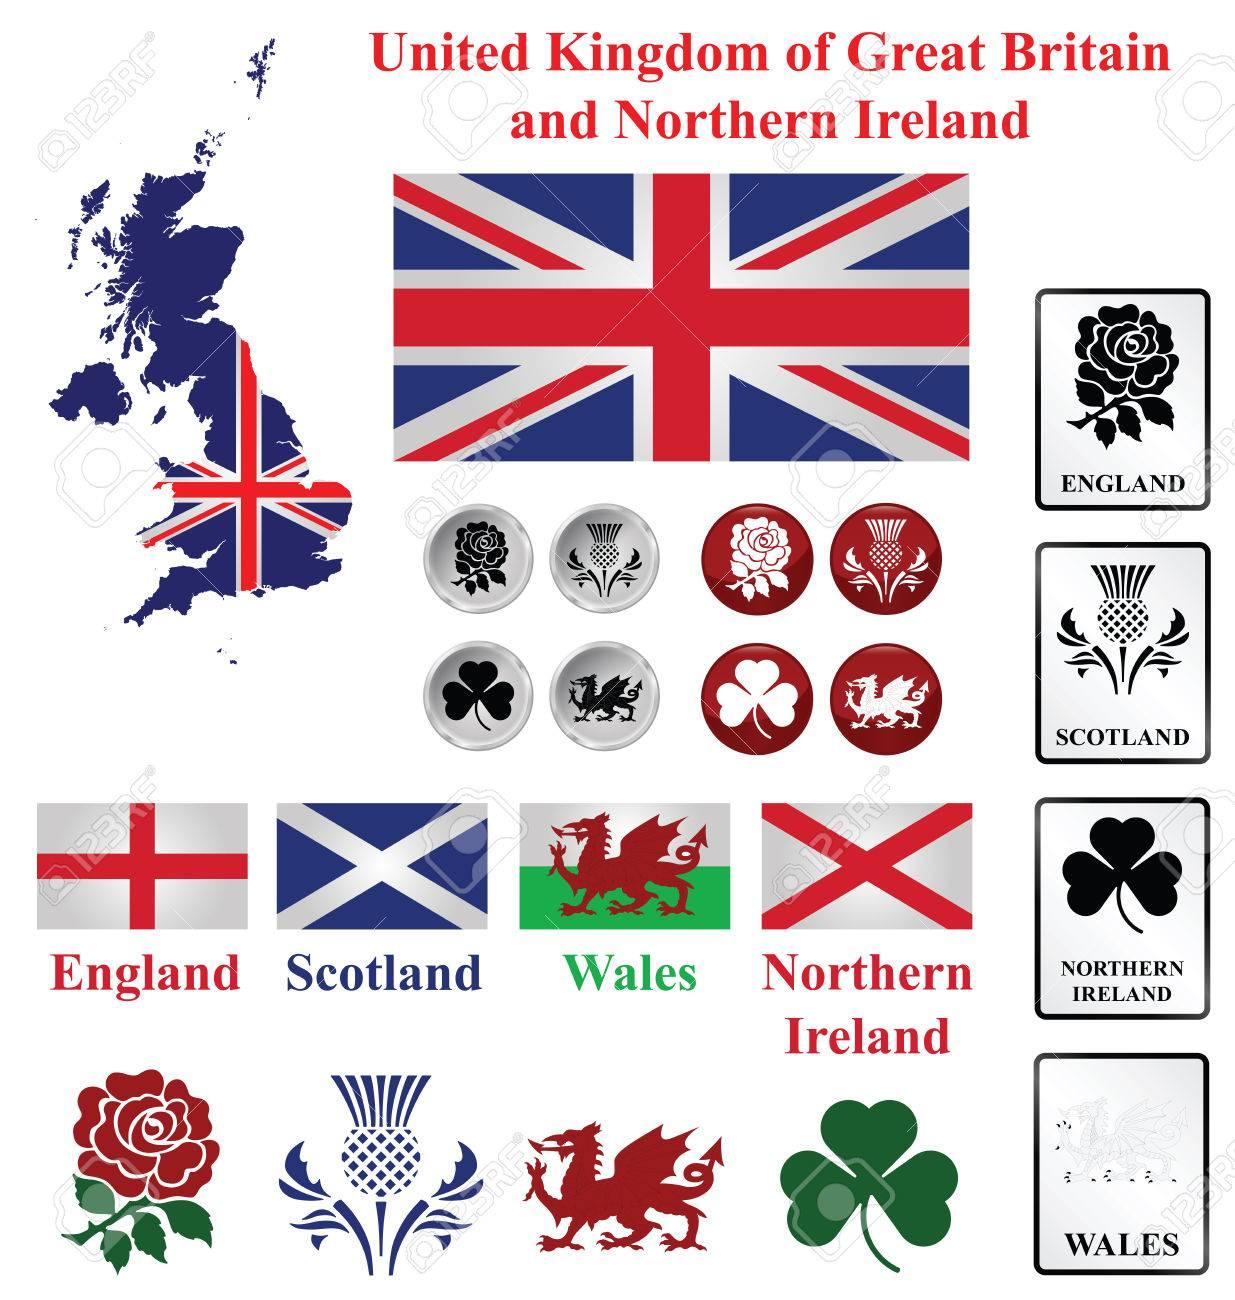 Carte Angleterre Irlande Ecosse.Royaume Uni Collection De Carte Drapeaux Et Emblemes Nationaux De L